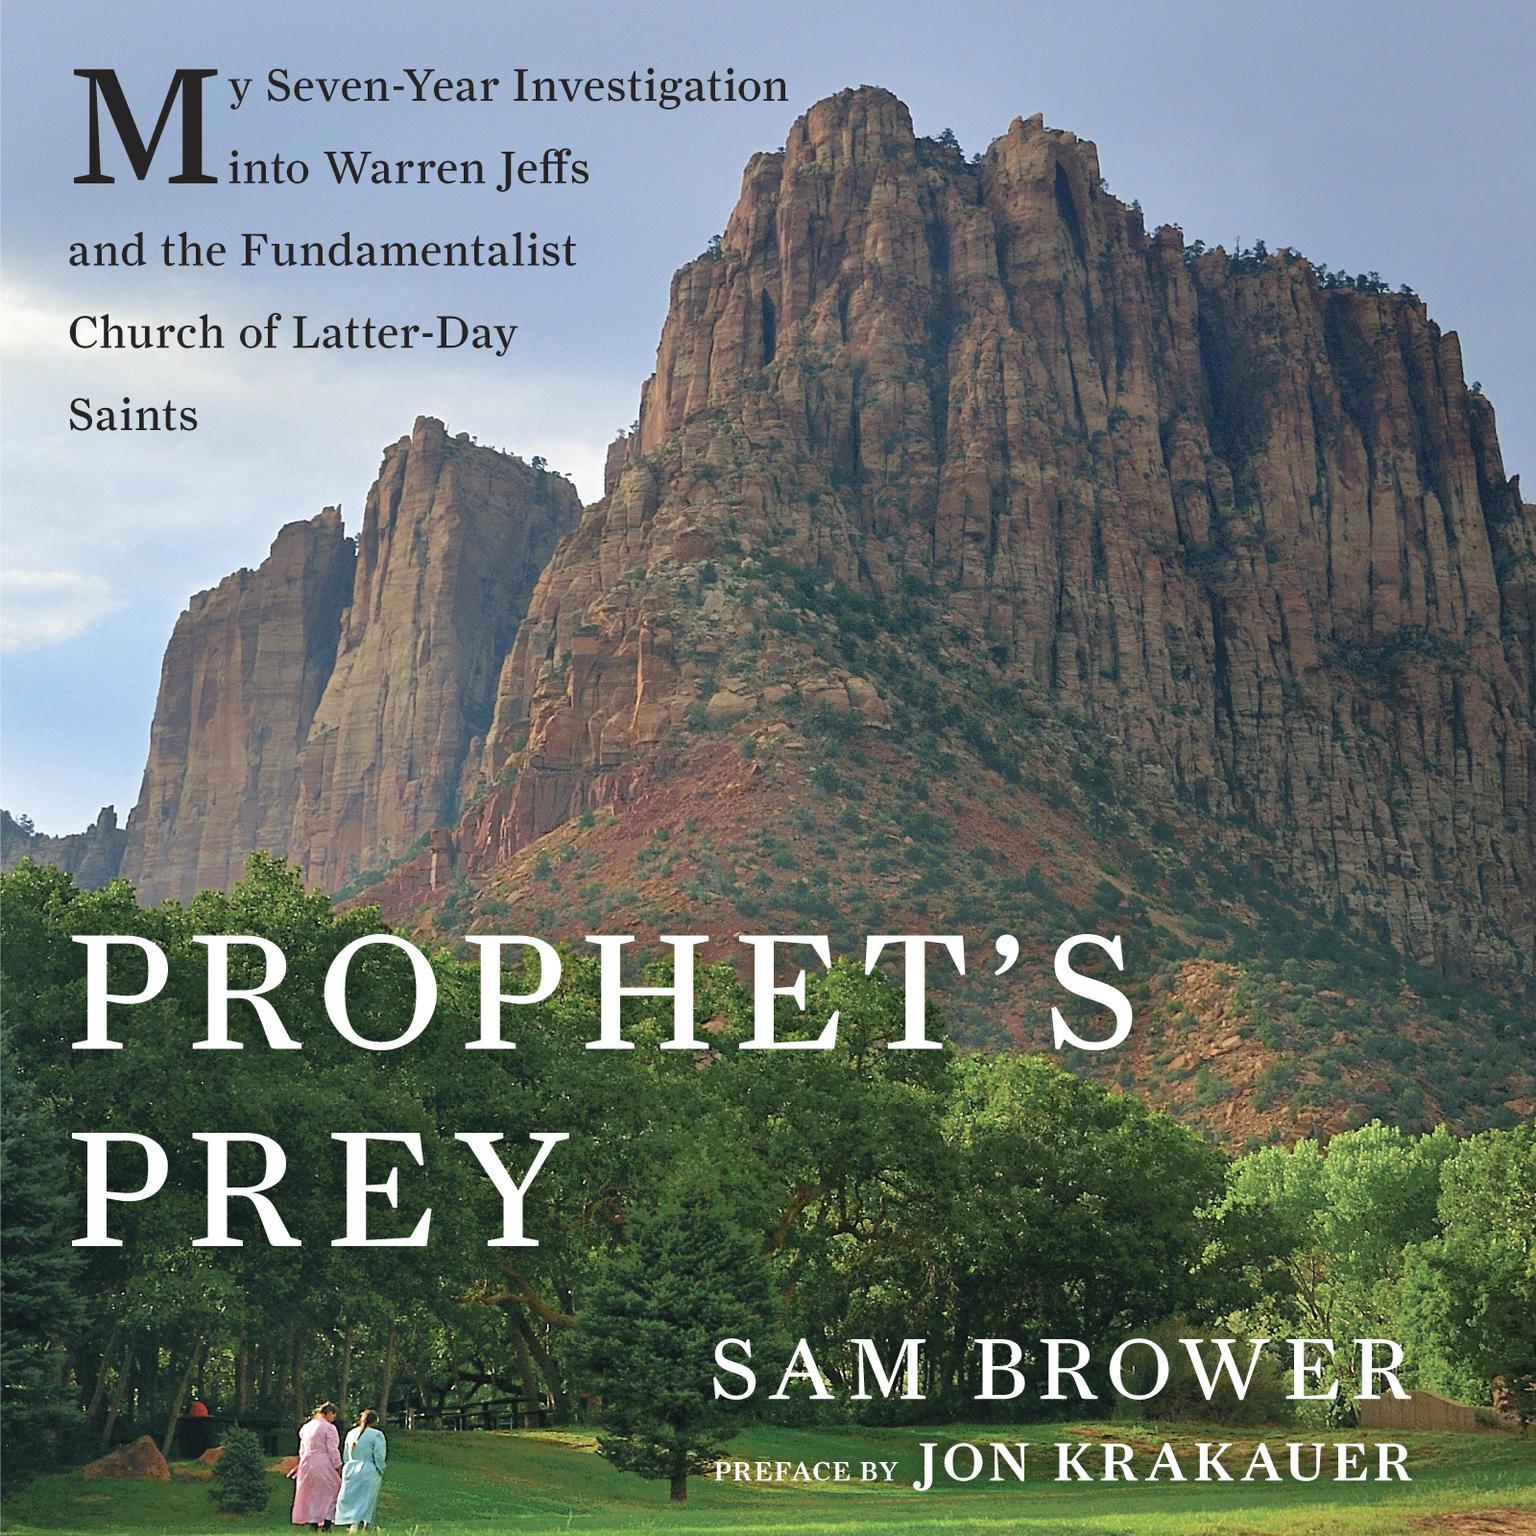 Prophet's Prey - Audiobook